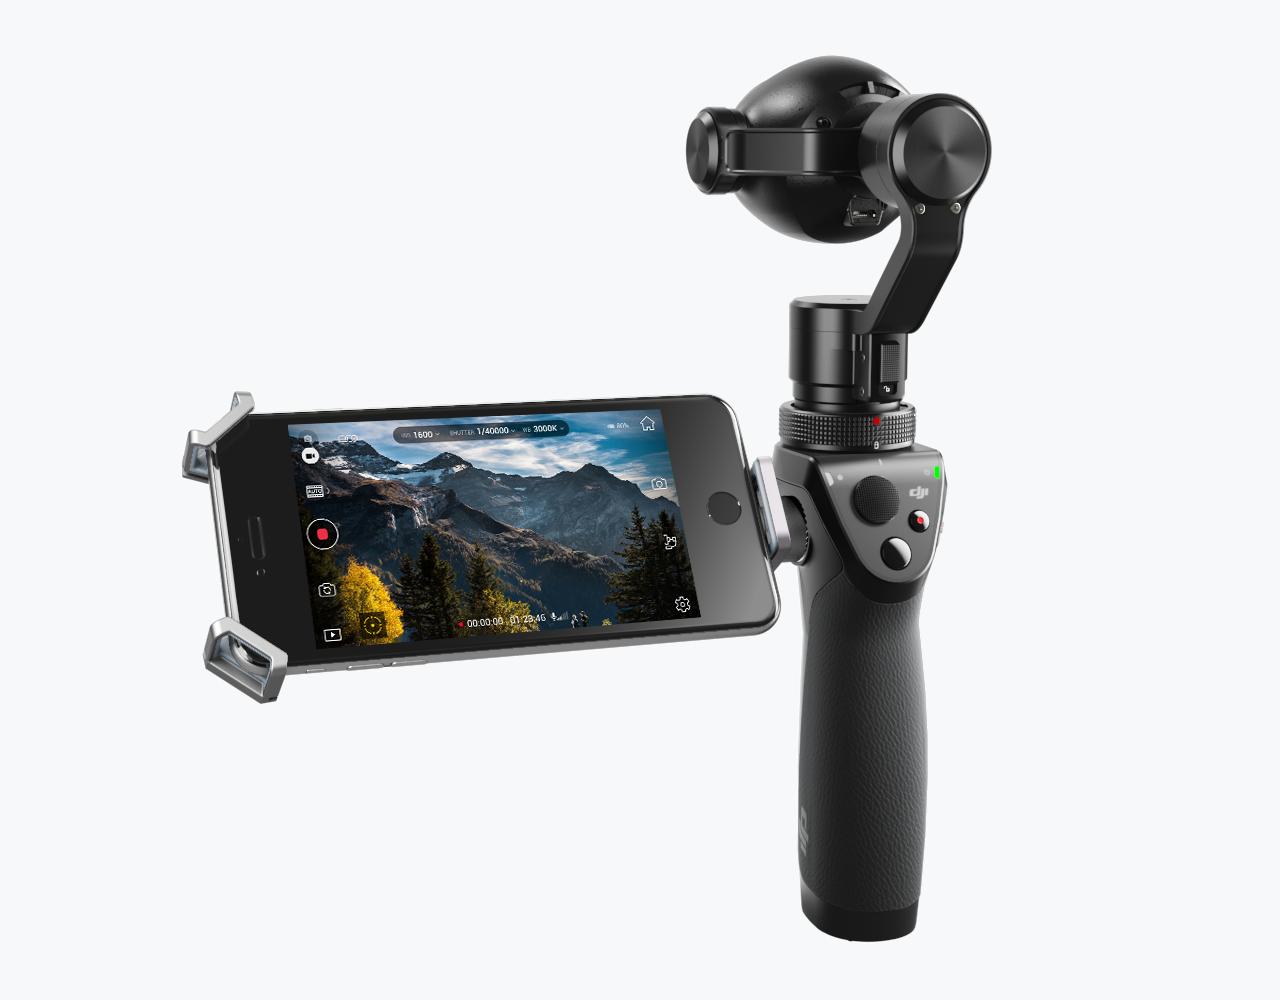 DJI Osmo+ 登场:市面上最好用的云台相机新加了变焦镜头